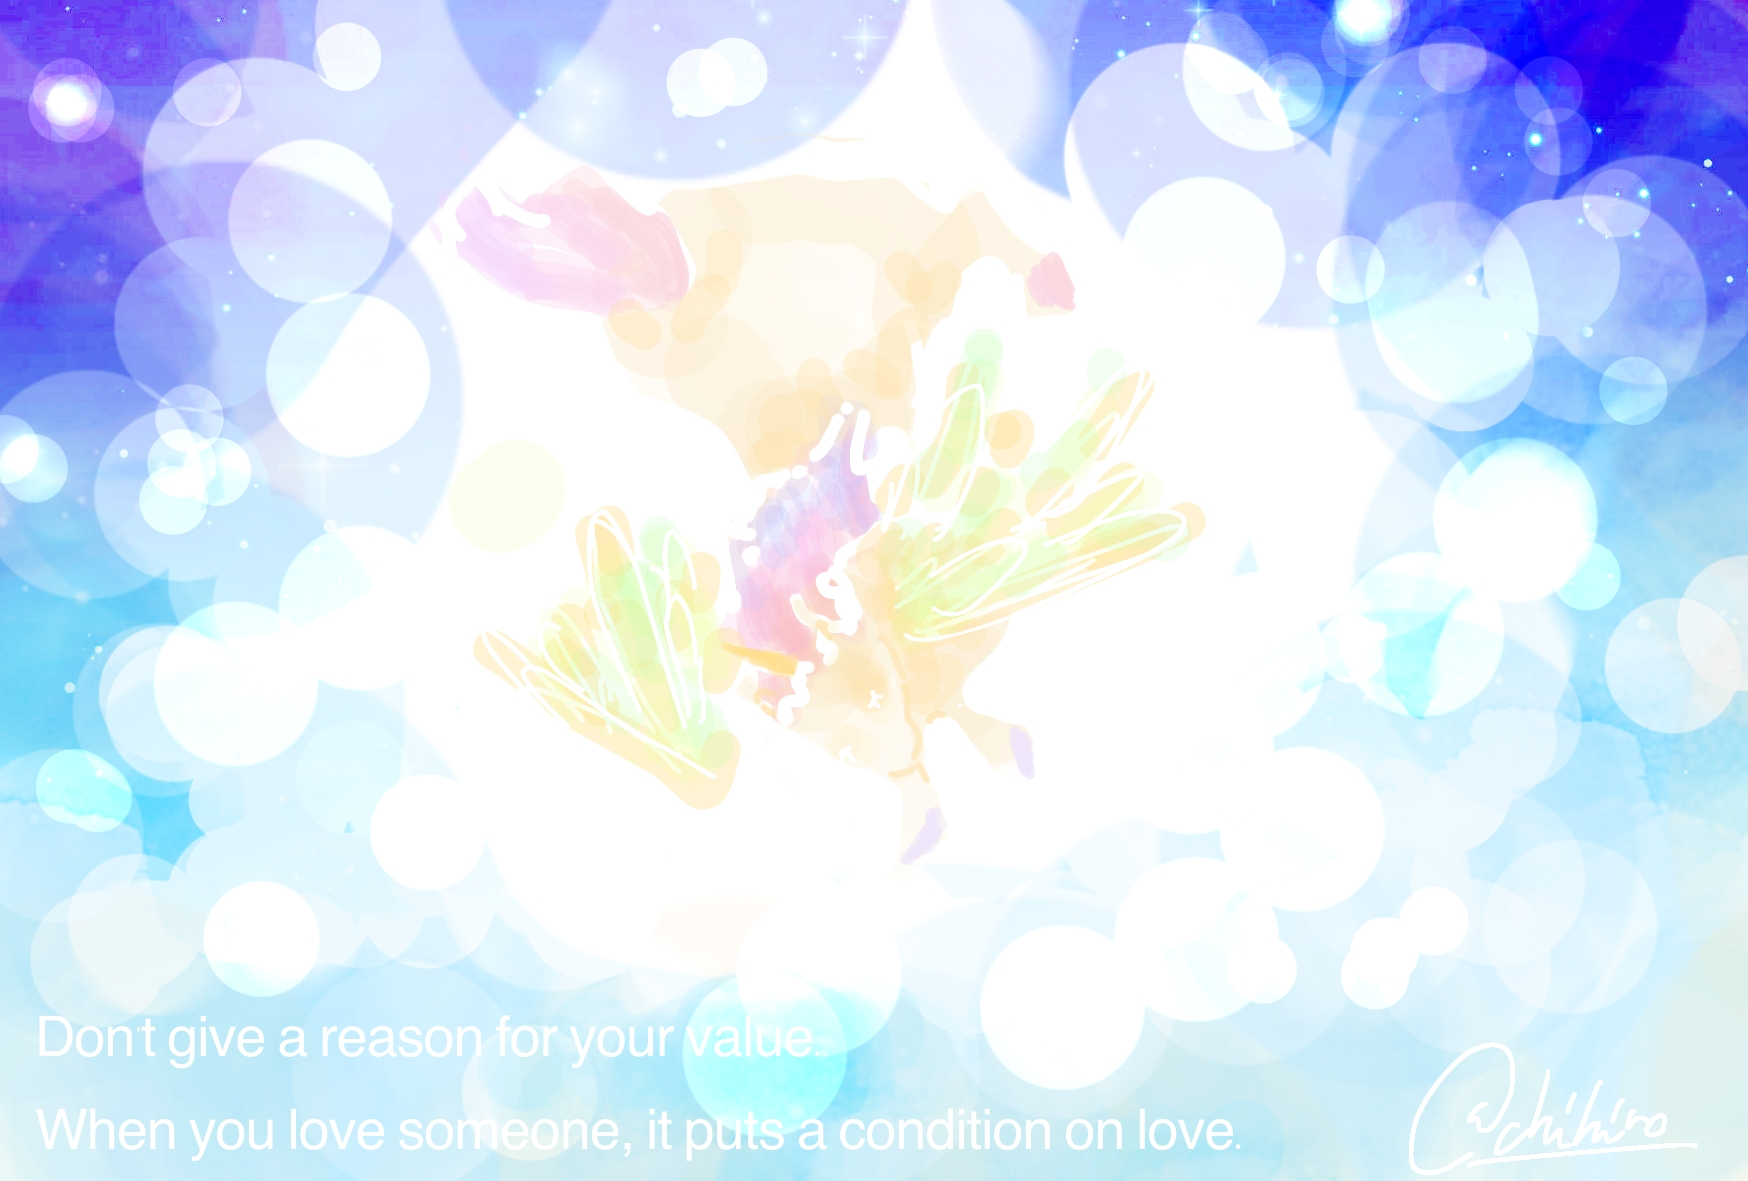 自分の価値に理由をつけない。誰かを愛する時、それは愛に条件をつけてしまうから。